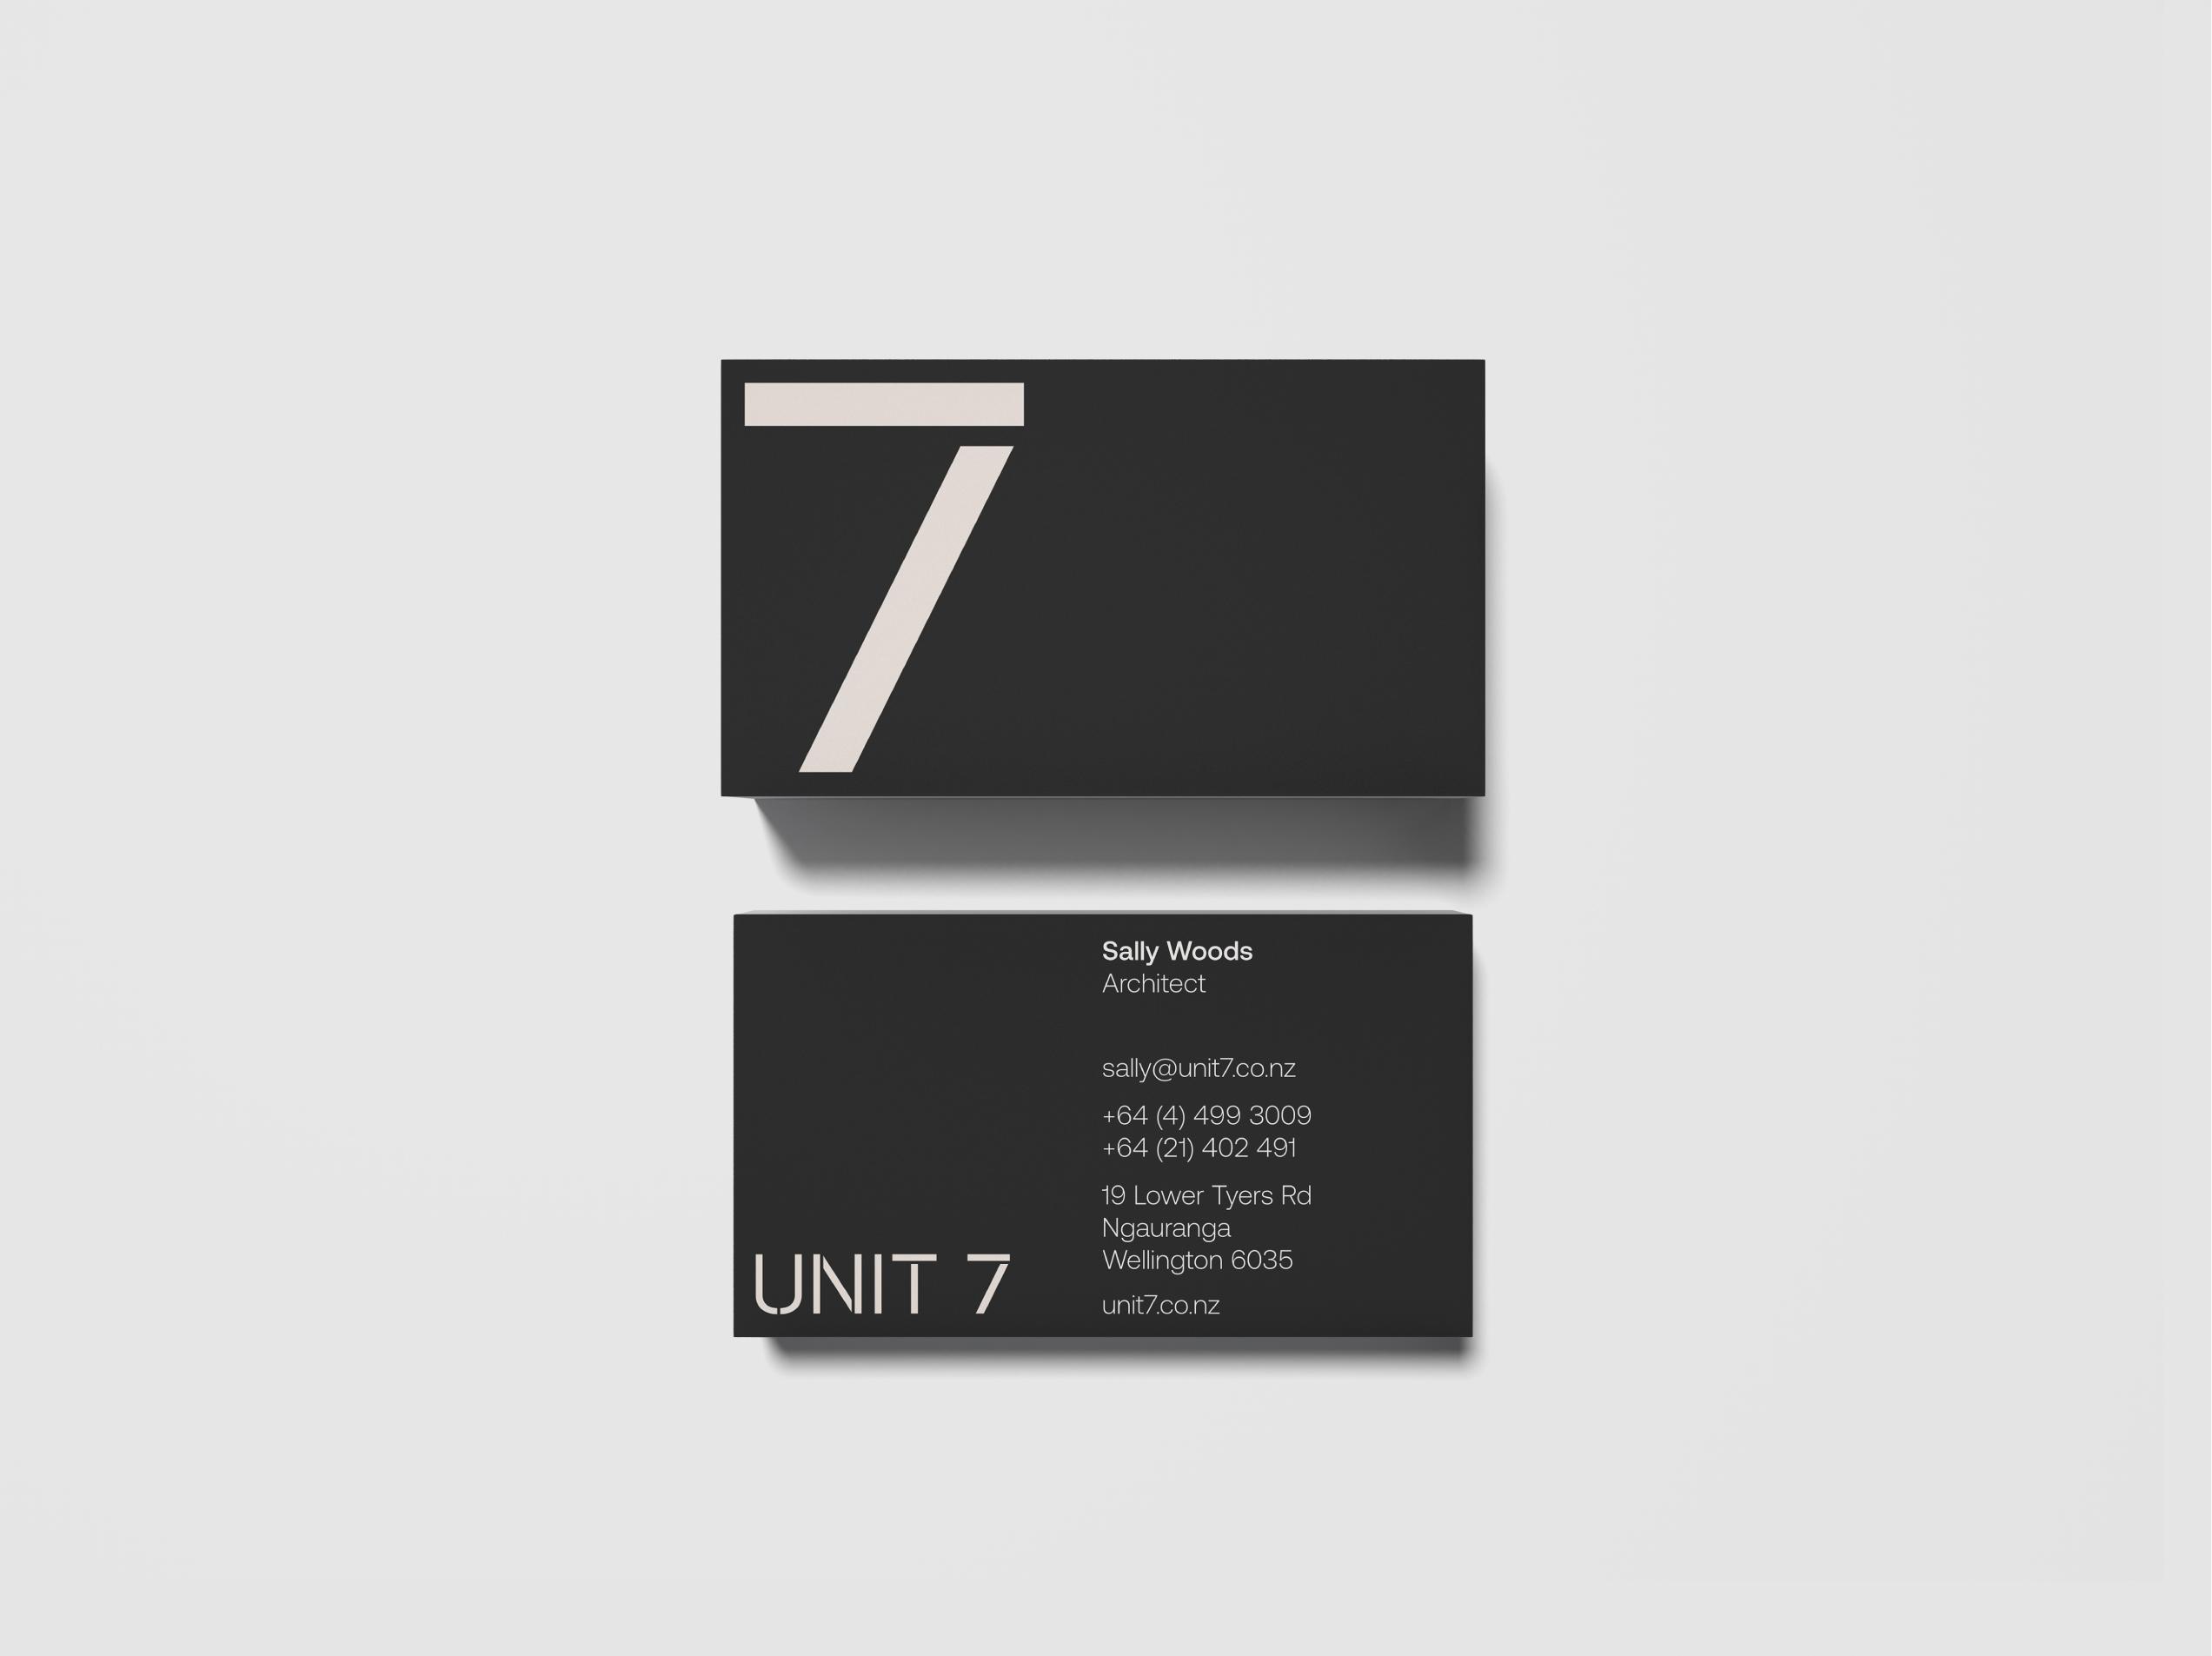 unit-7_case-study-plan_final_14.jpg